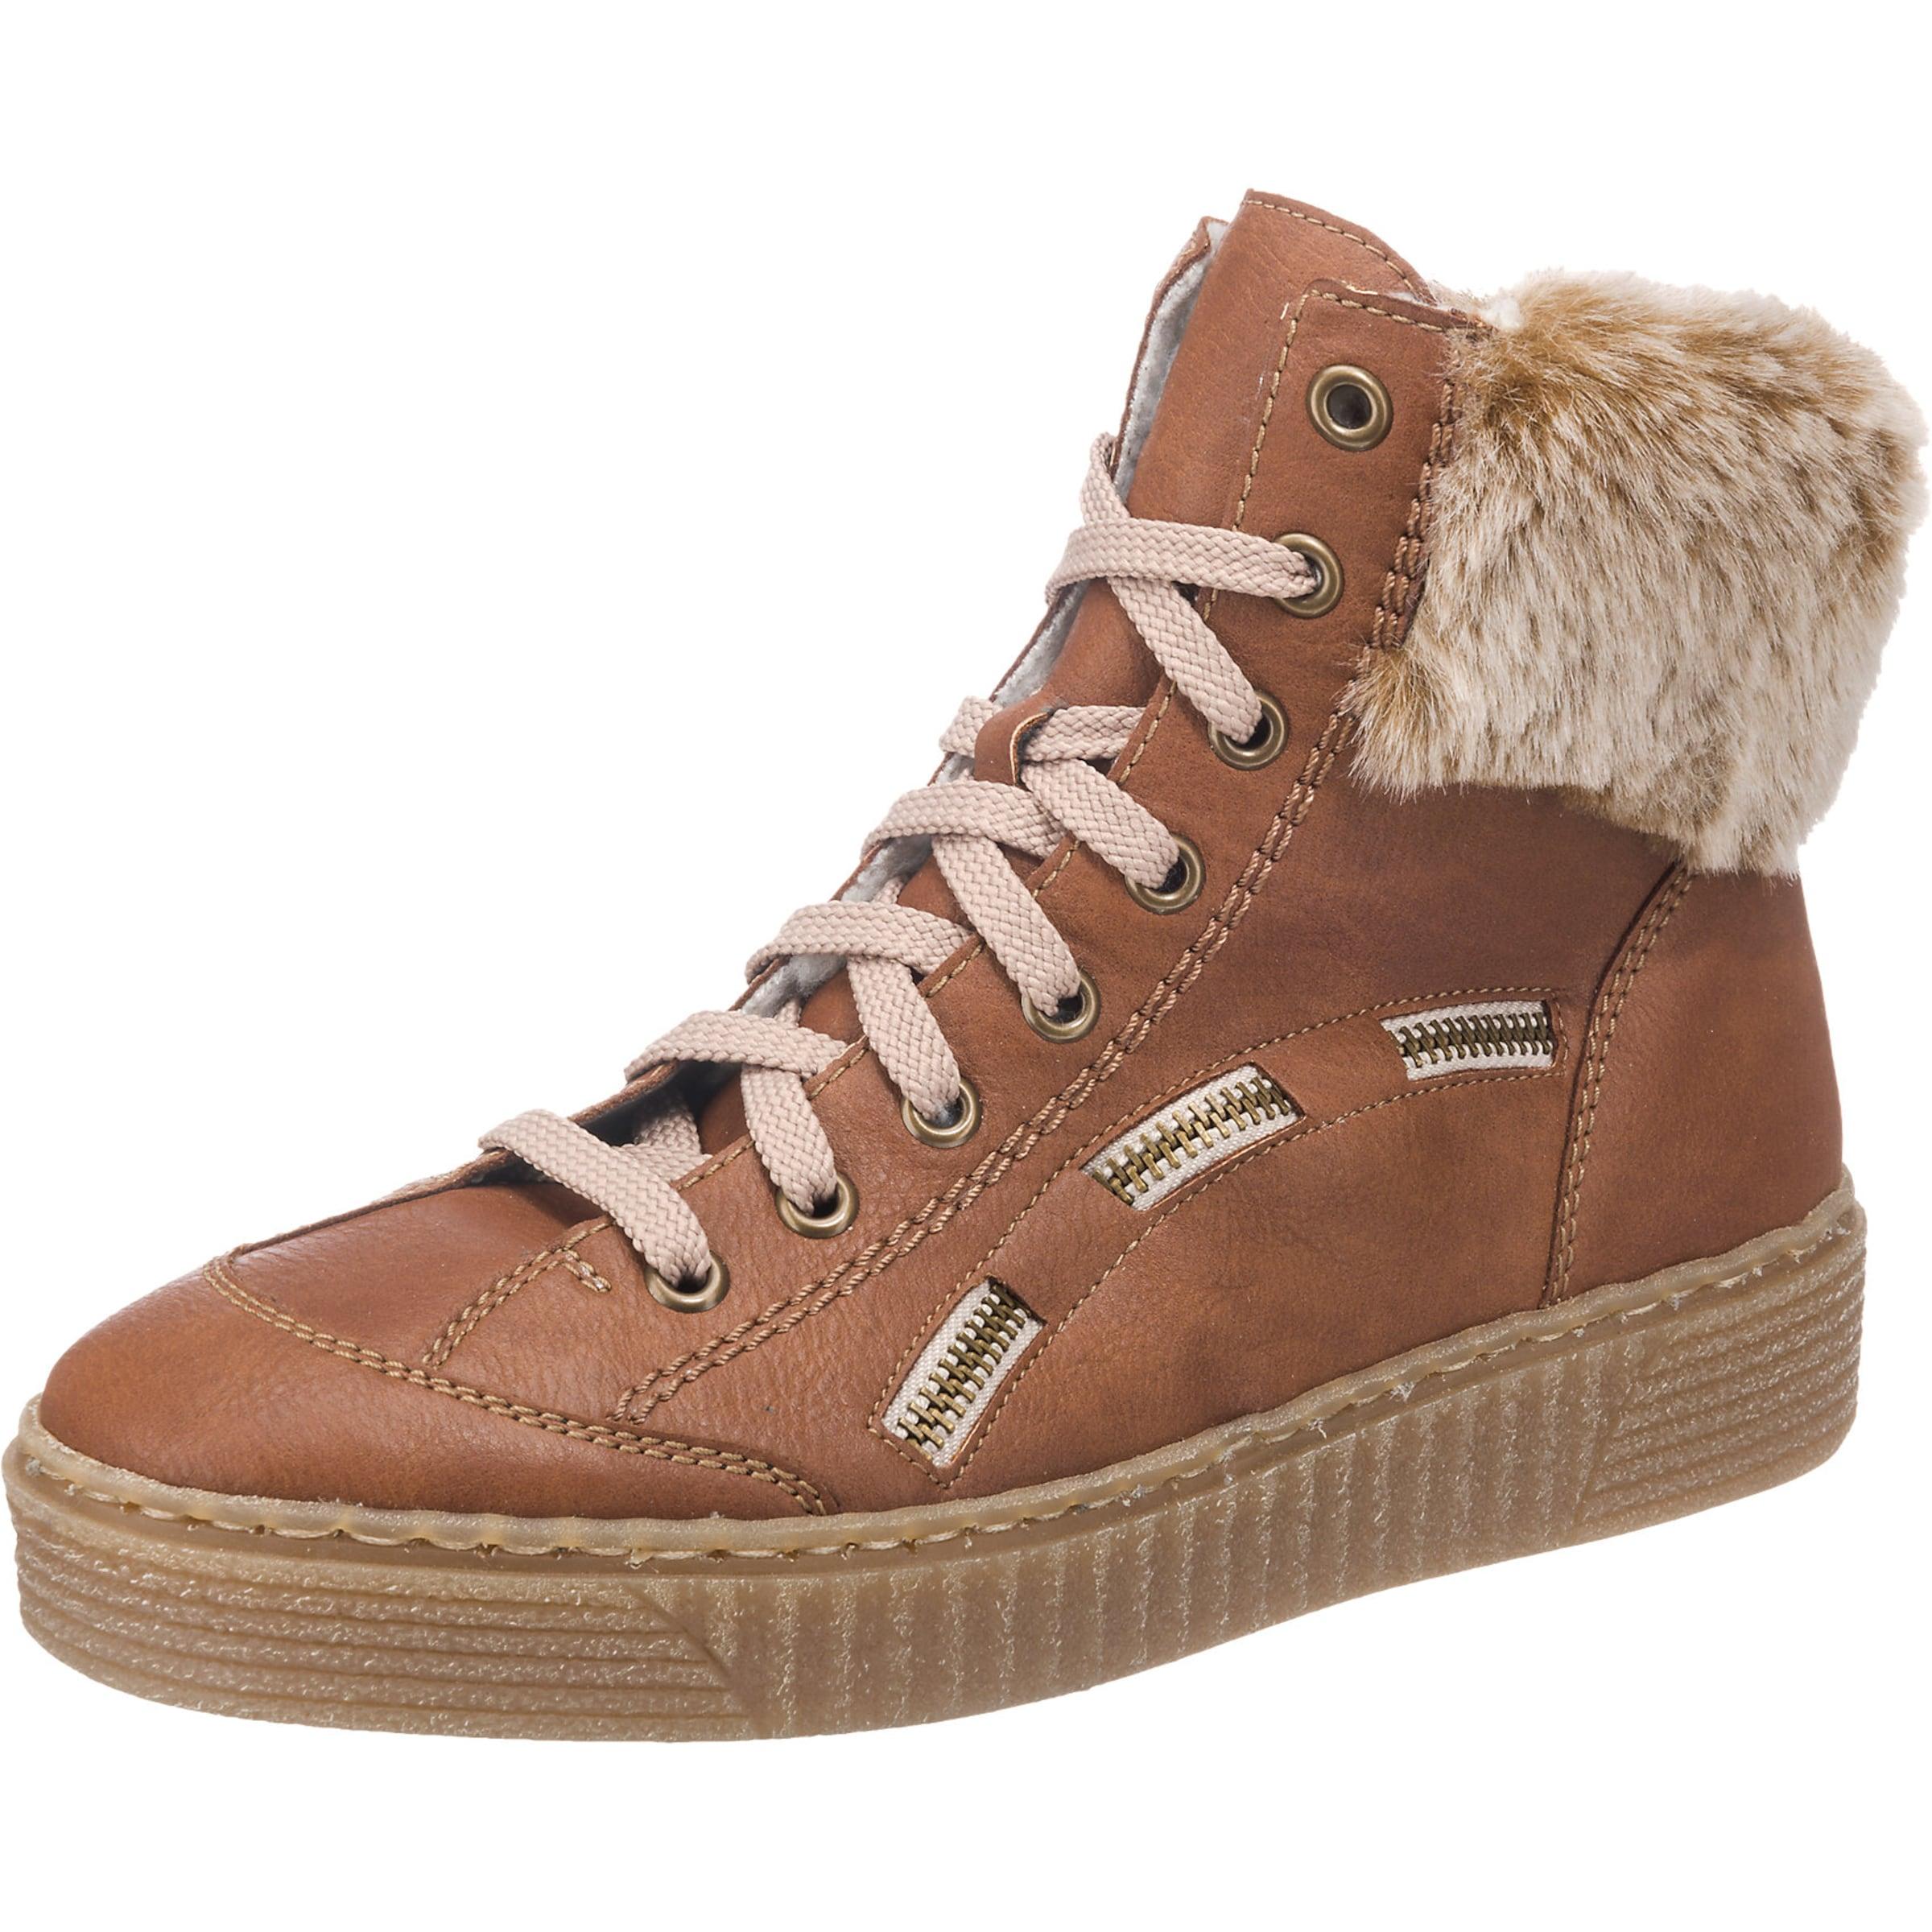 RIEKER Sneakers Online Lieferung Frei Haus Mit Kreditkarte Verkauf Für Schön Neu Rabatt Billig Mf5kyrCpzJ